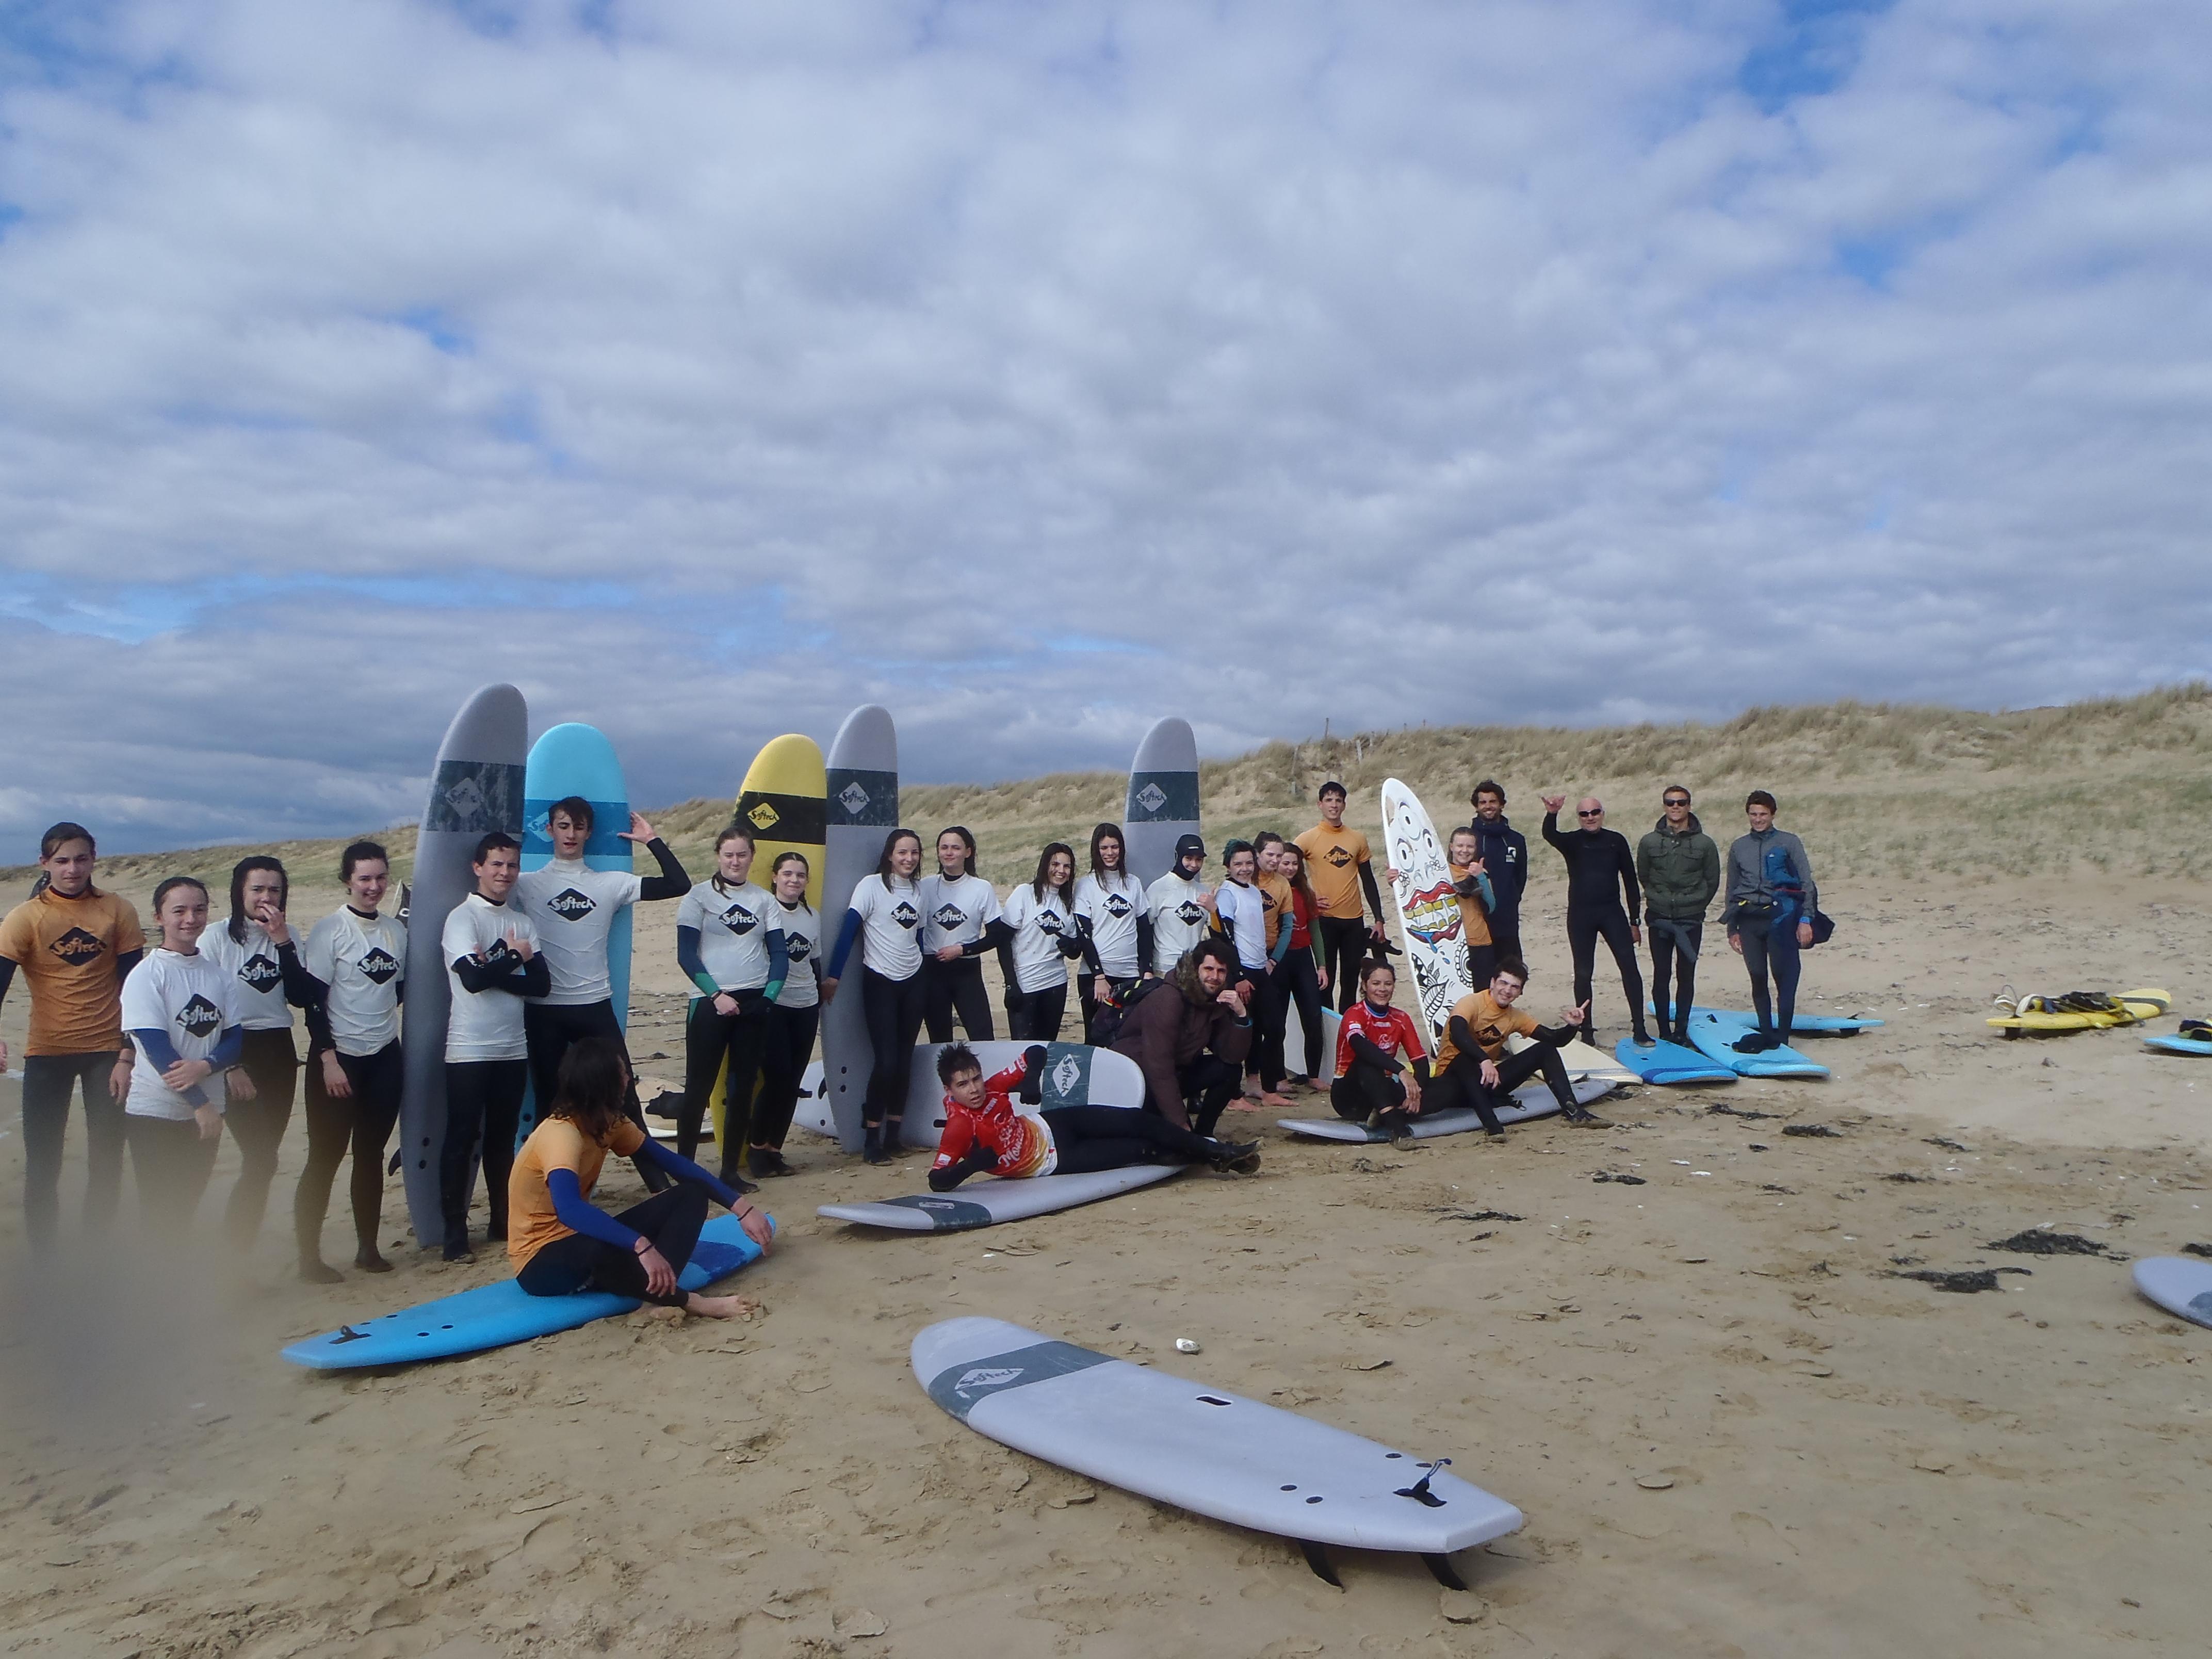 le groupe Surf du lycée